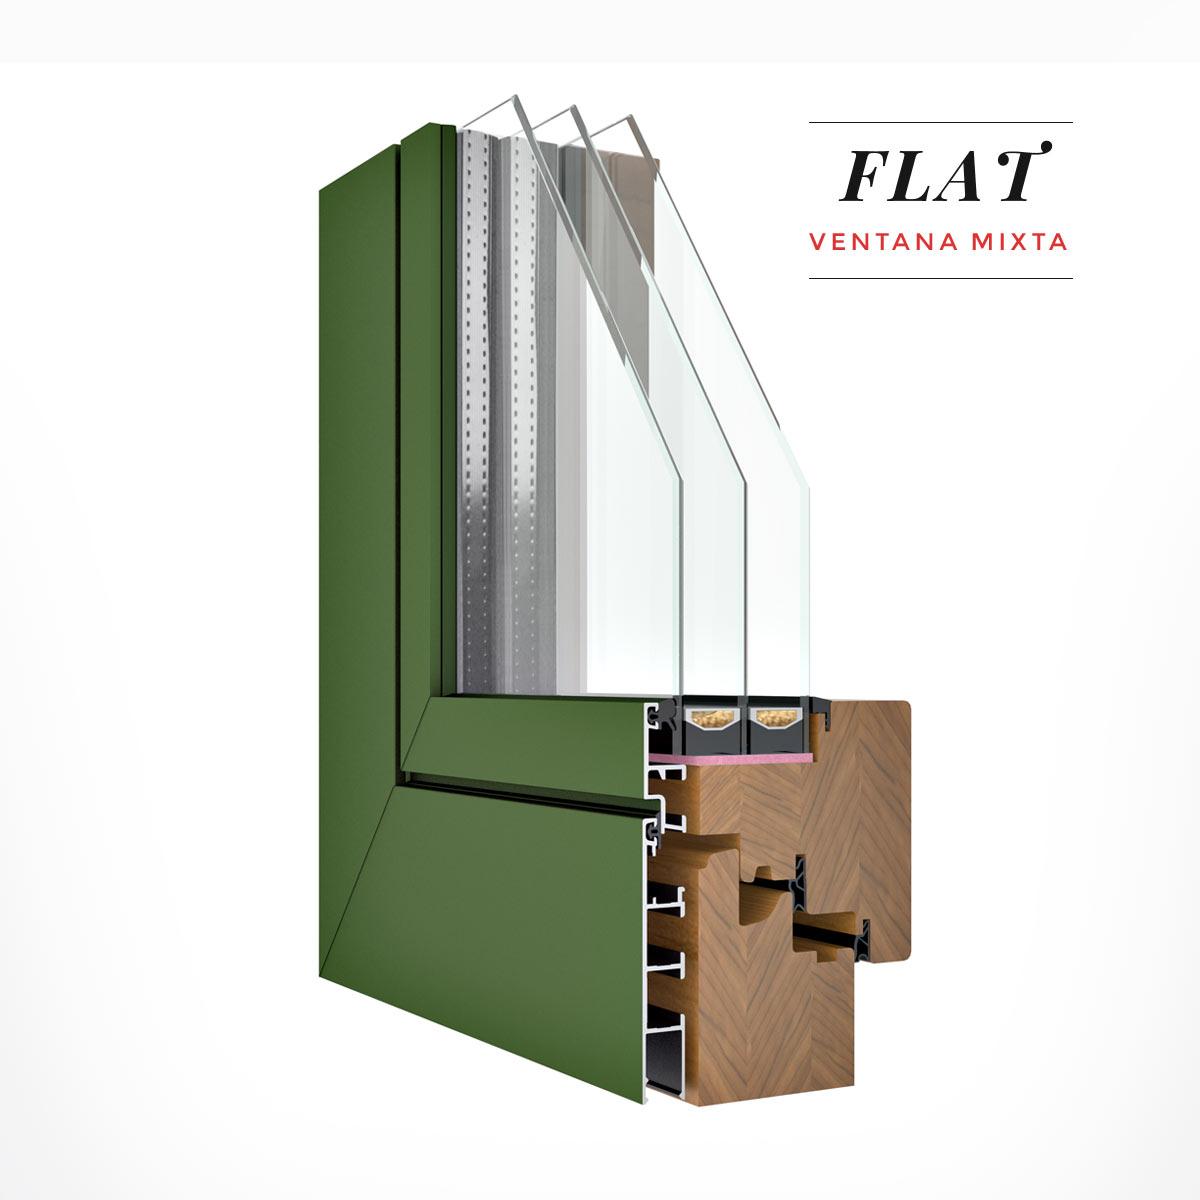 Carreté Finestres - finestra mixta Flat de fusta i alumini amb triple junta de goma